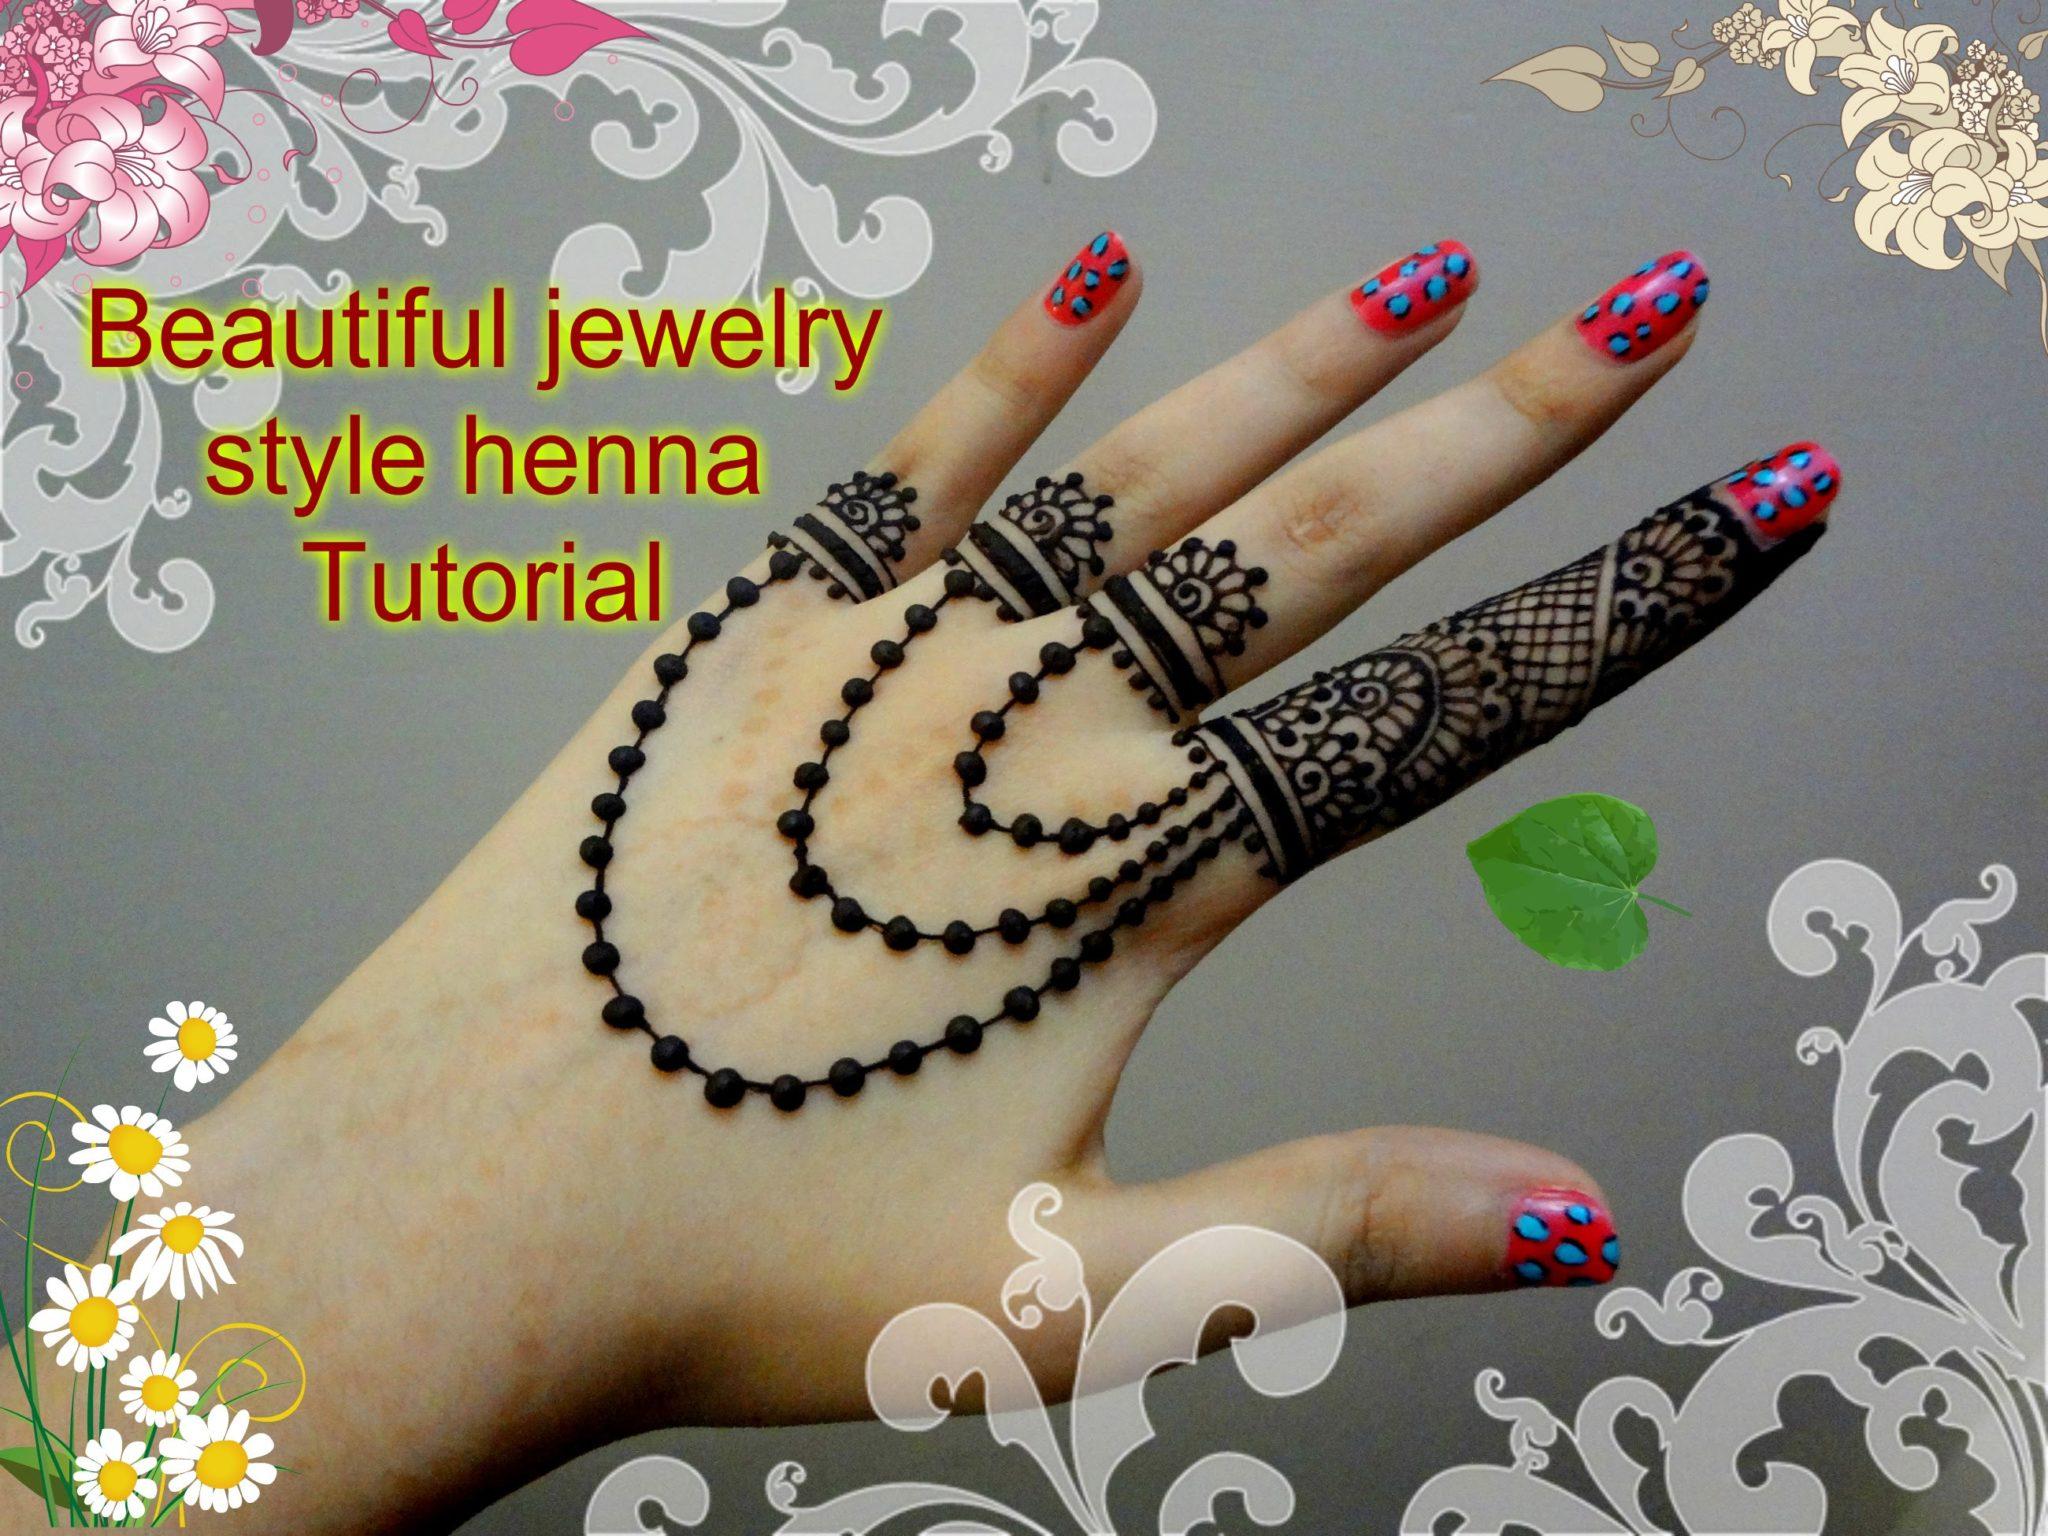 beautiful henna mehndi jewelry inspired design tutorial